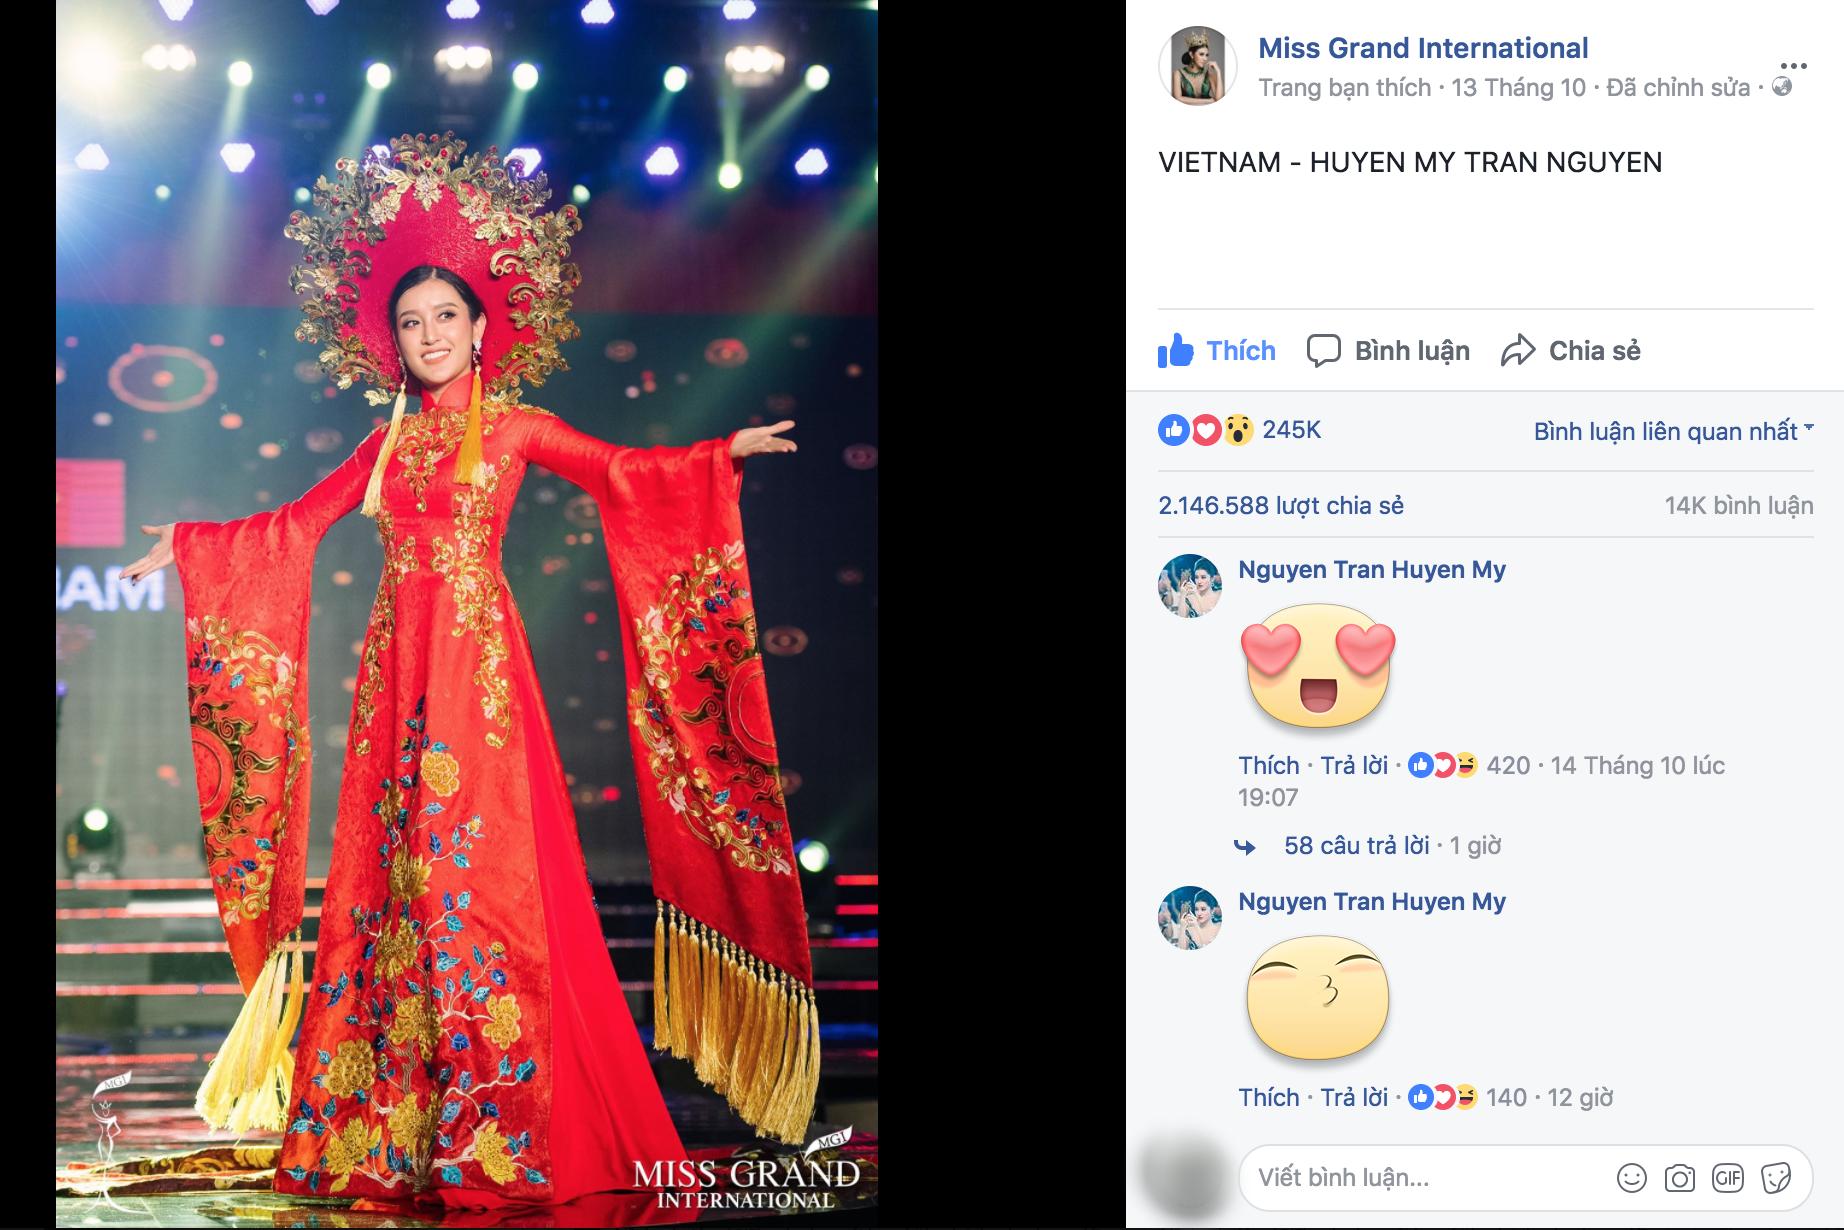 Chuyện hy hữu: BTC Miss Grand International công bố nhầm Top 1 bình chọn Trang phục dân tộc giữa Việt Nam và Indonesia - Ảnh 3.